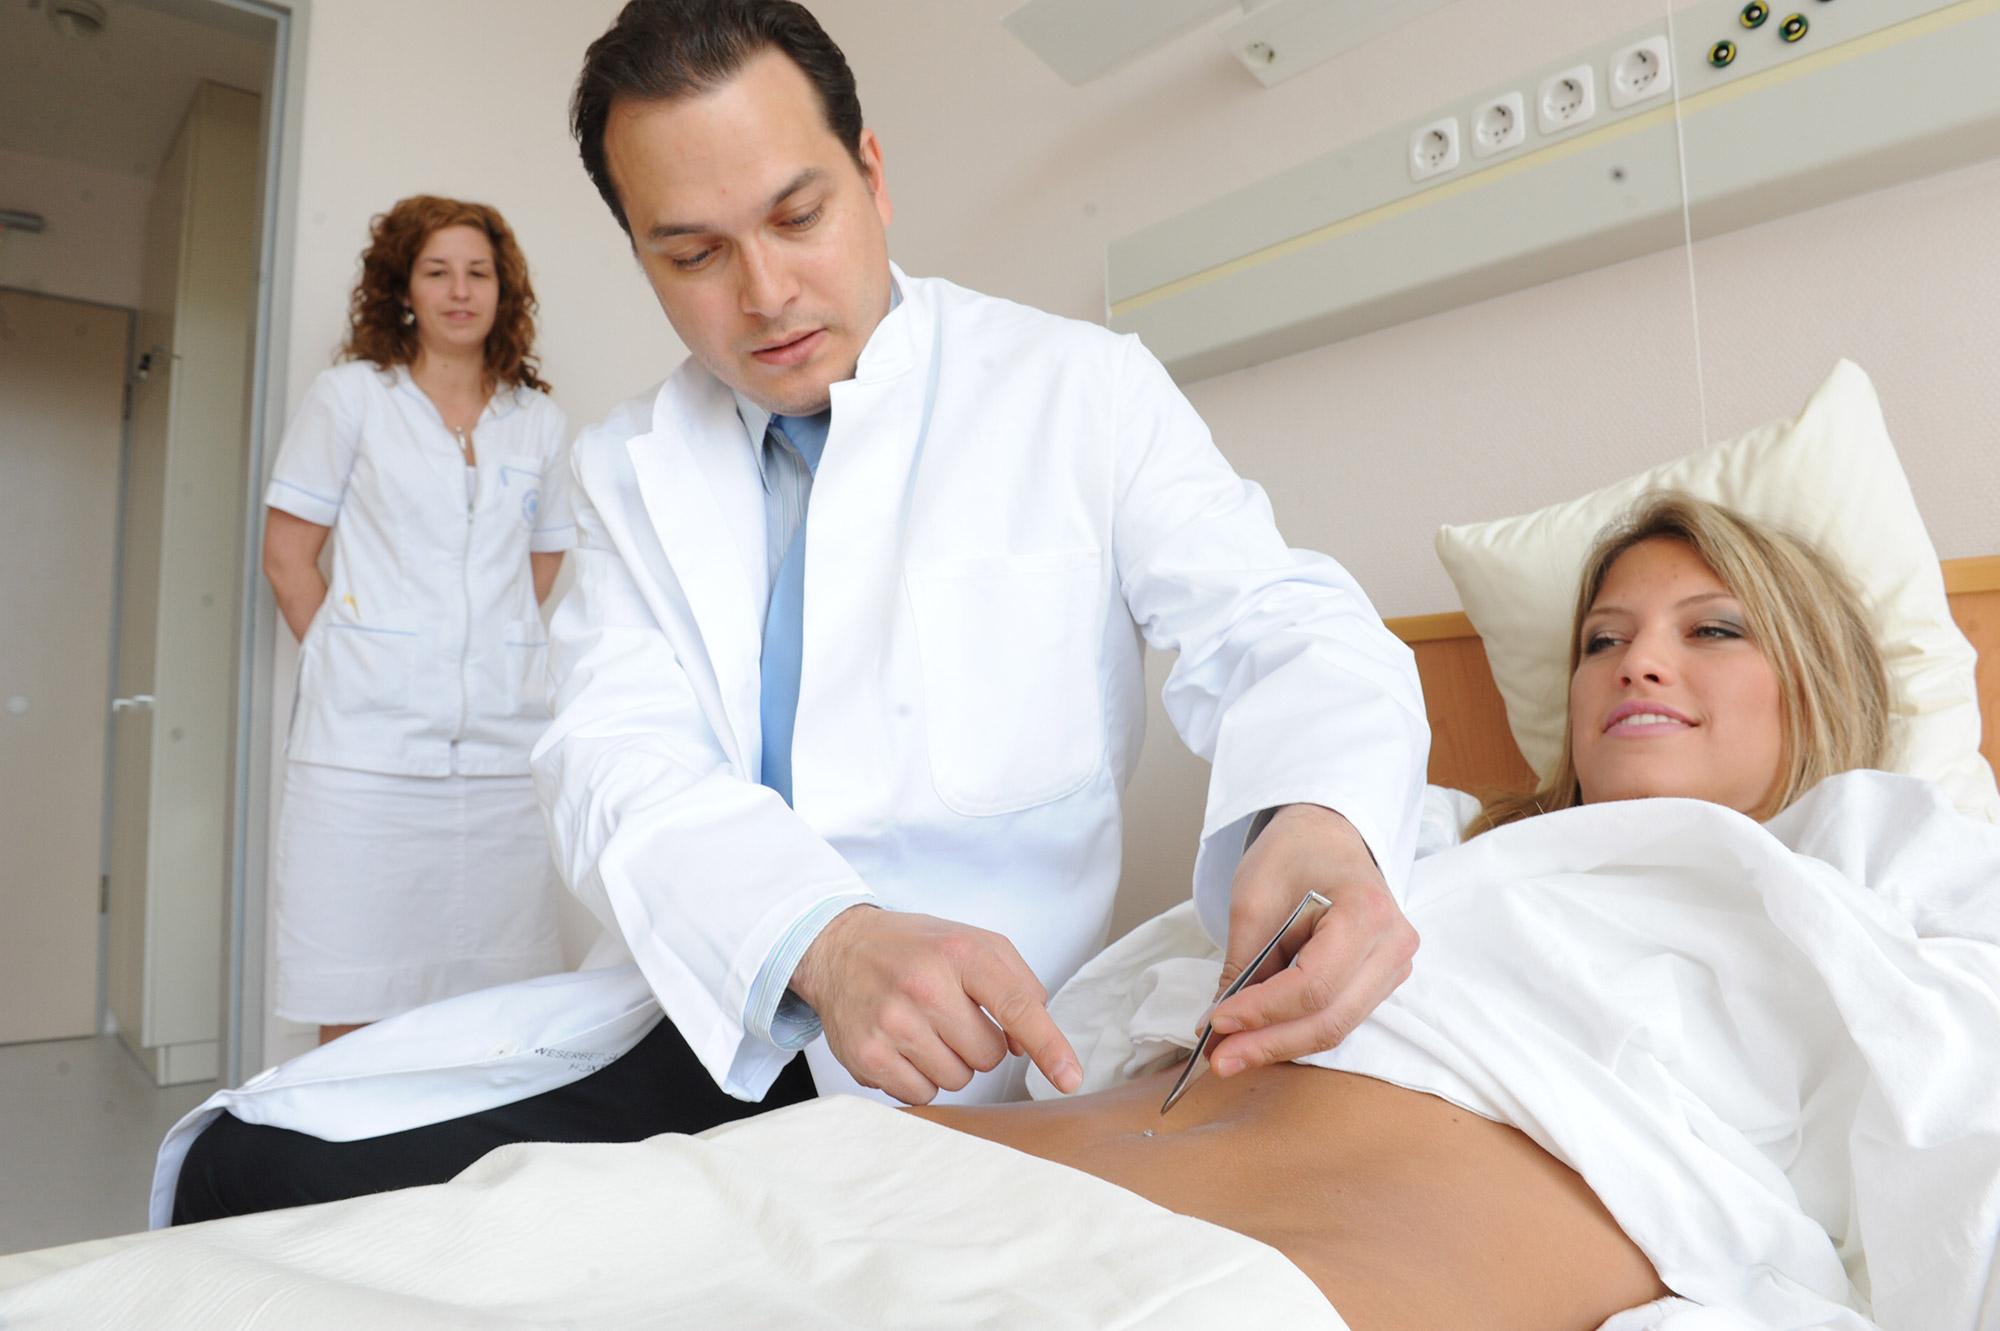 Gyakori kérdések és válaszok | drLBeauty plasztikai sebészet